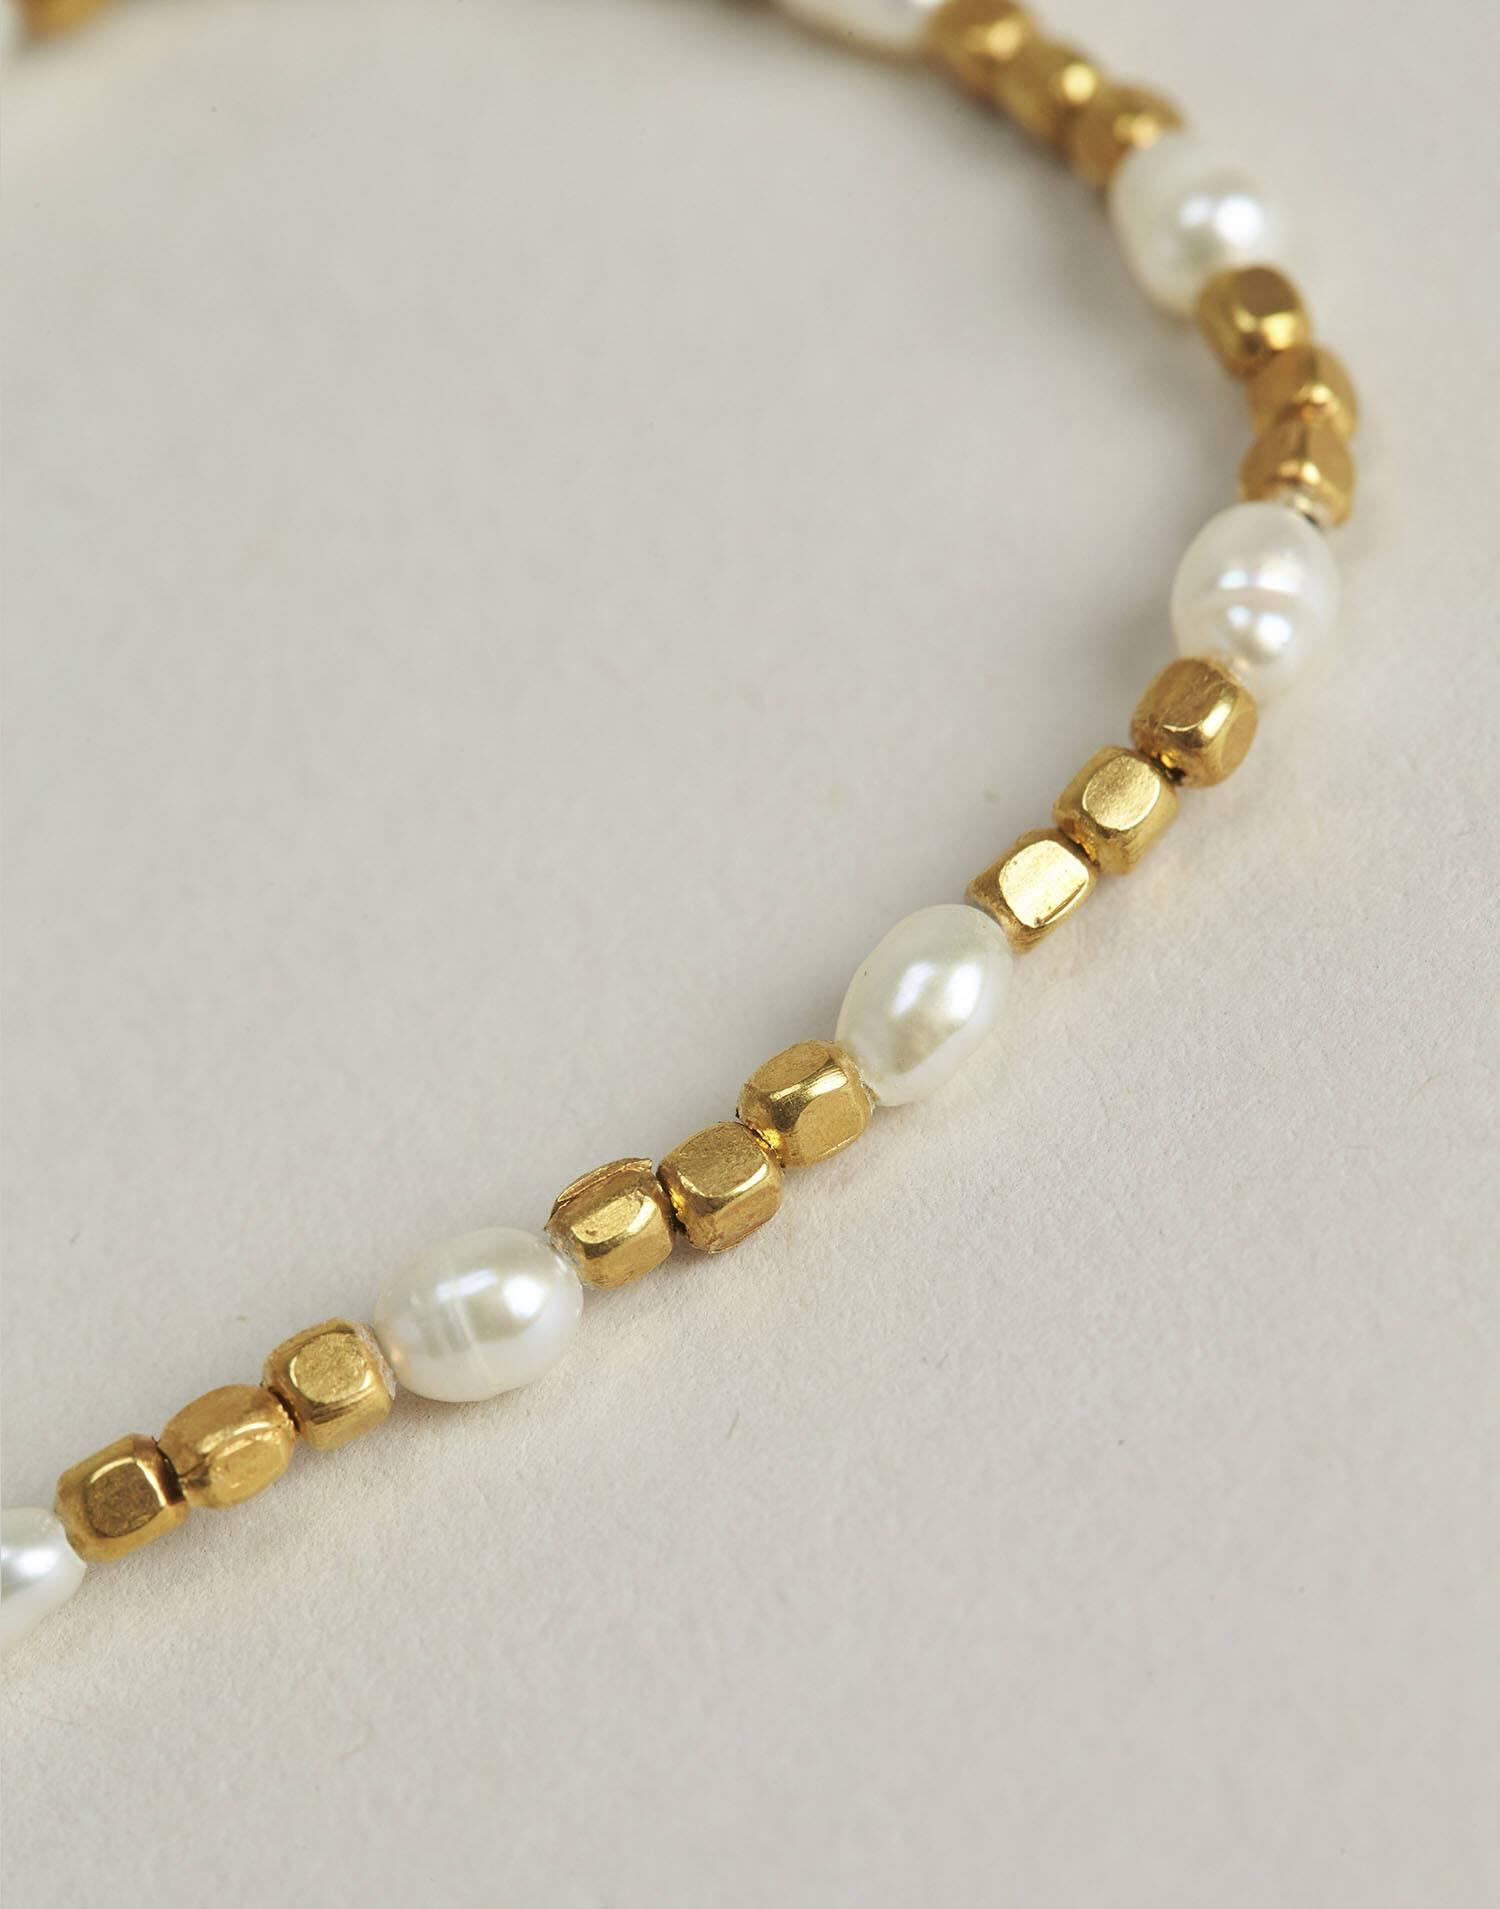 Gilded pearl bracelet